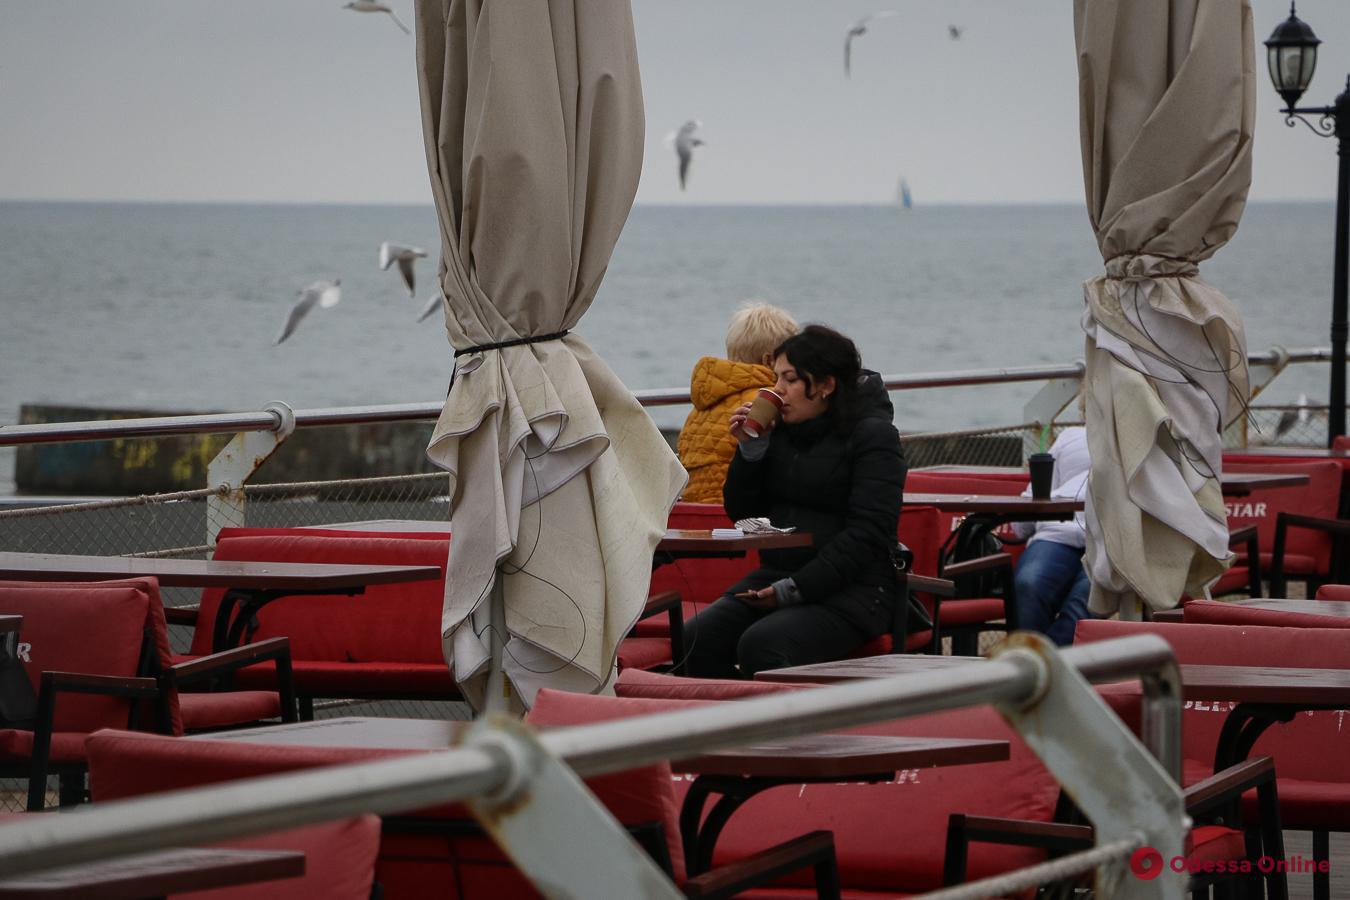 Холодно и красиво: Одесса, ноябрь, море (фоторепортаж)